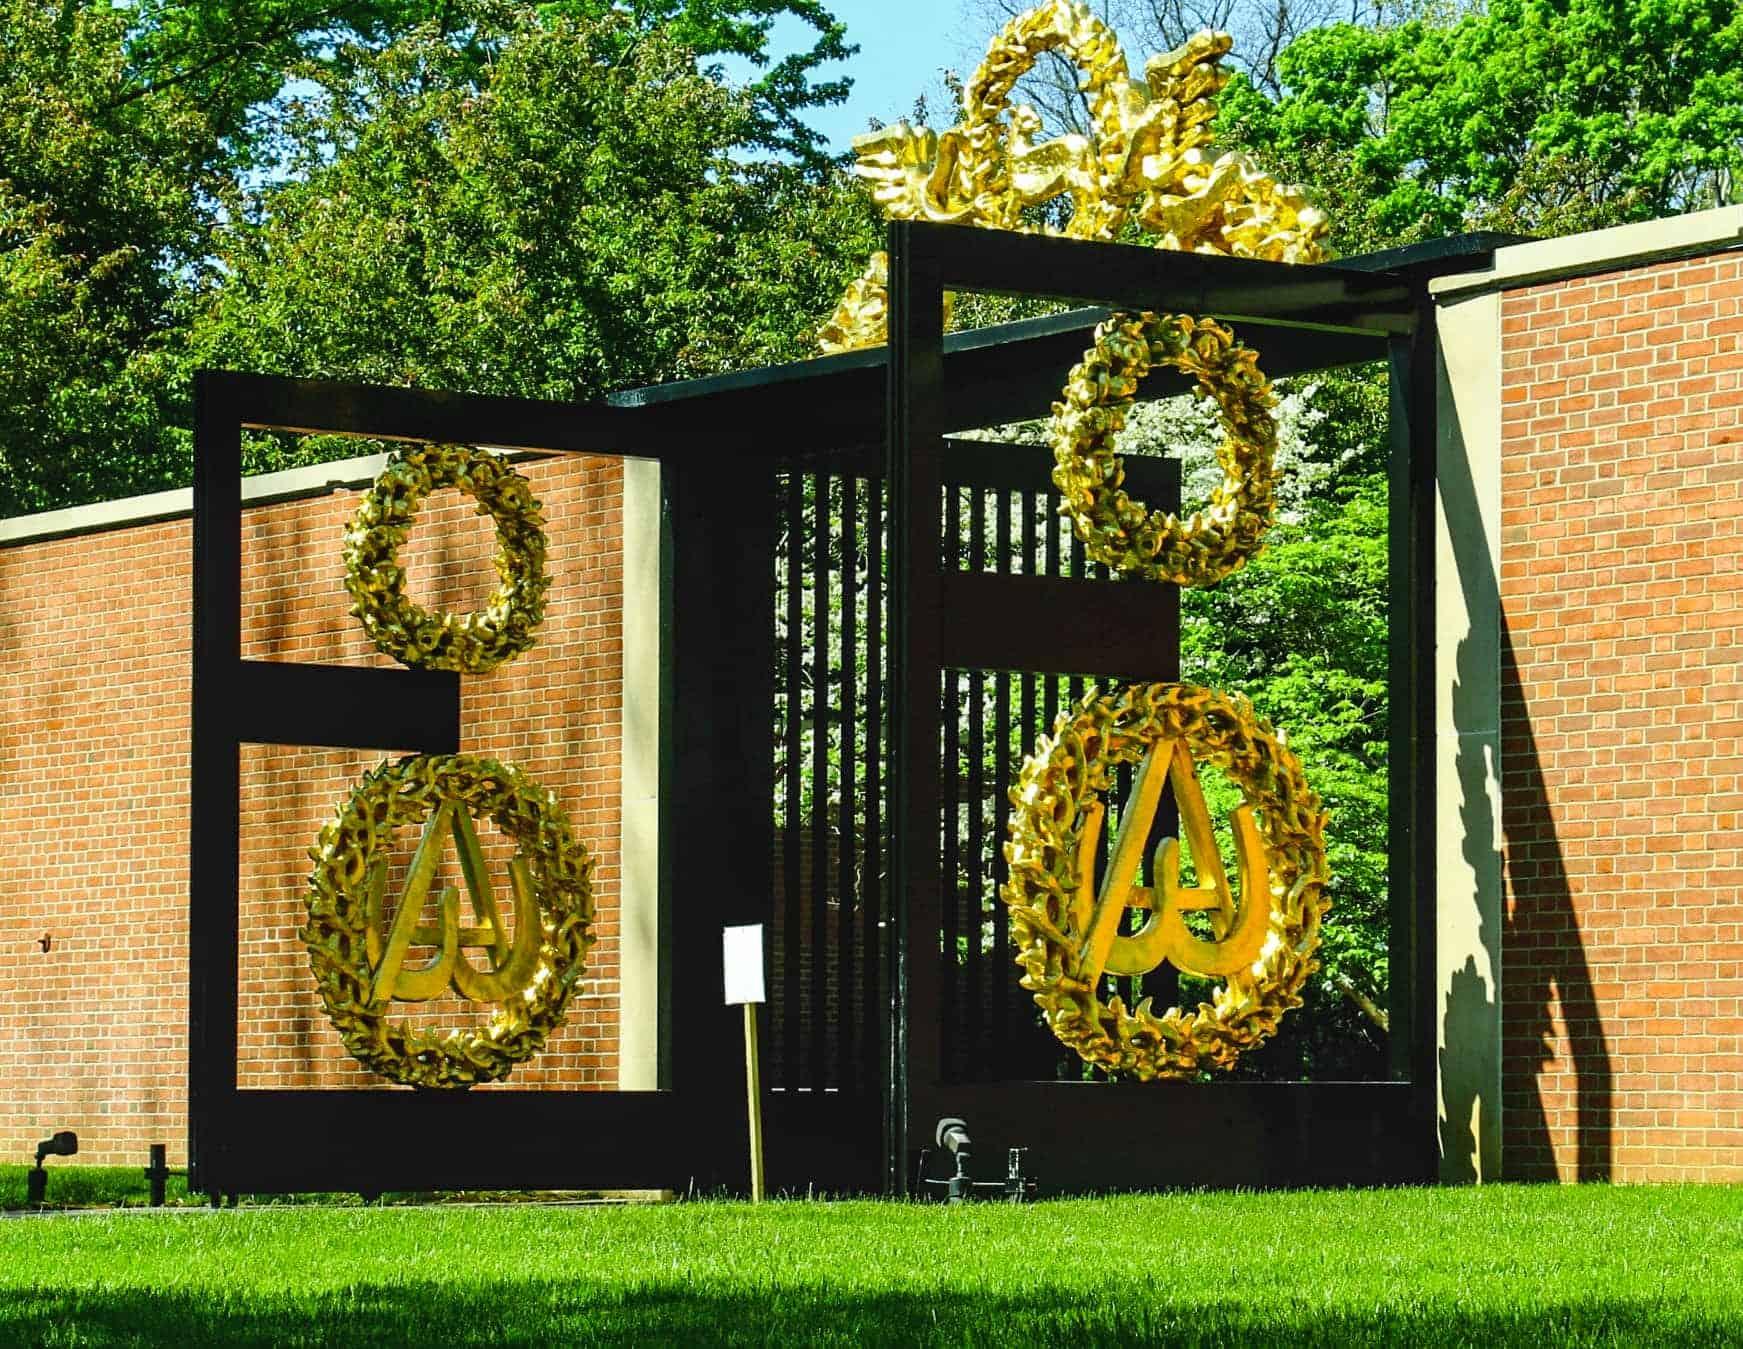 Main gates at roofless church